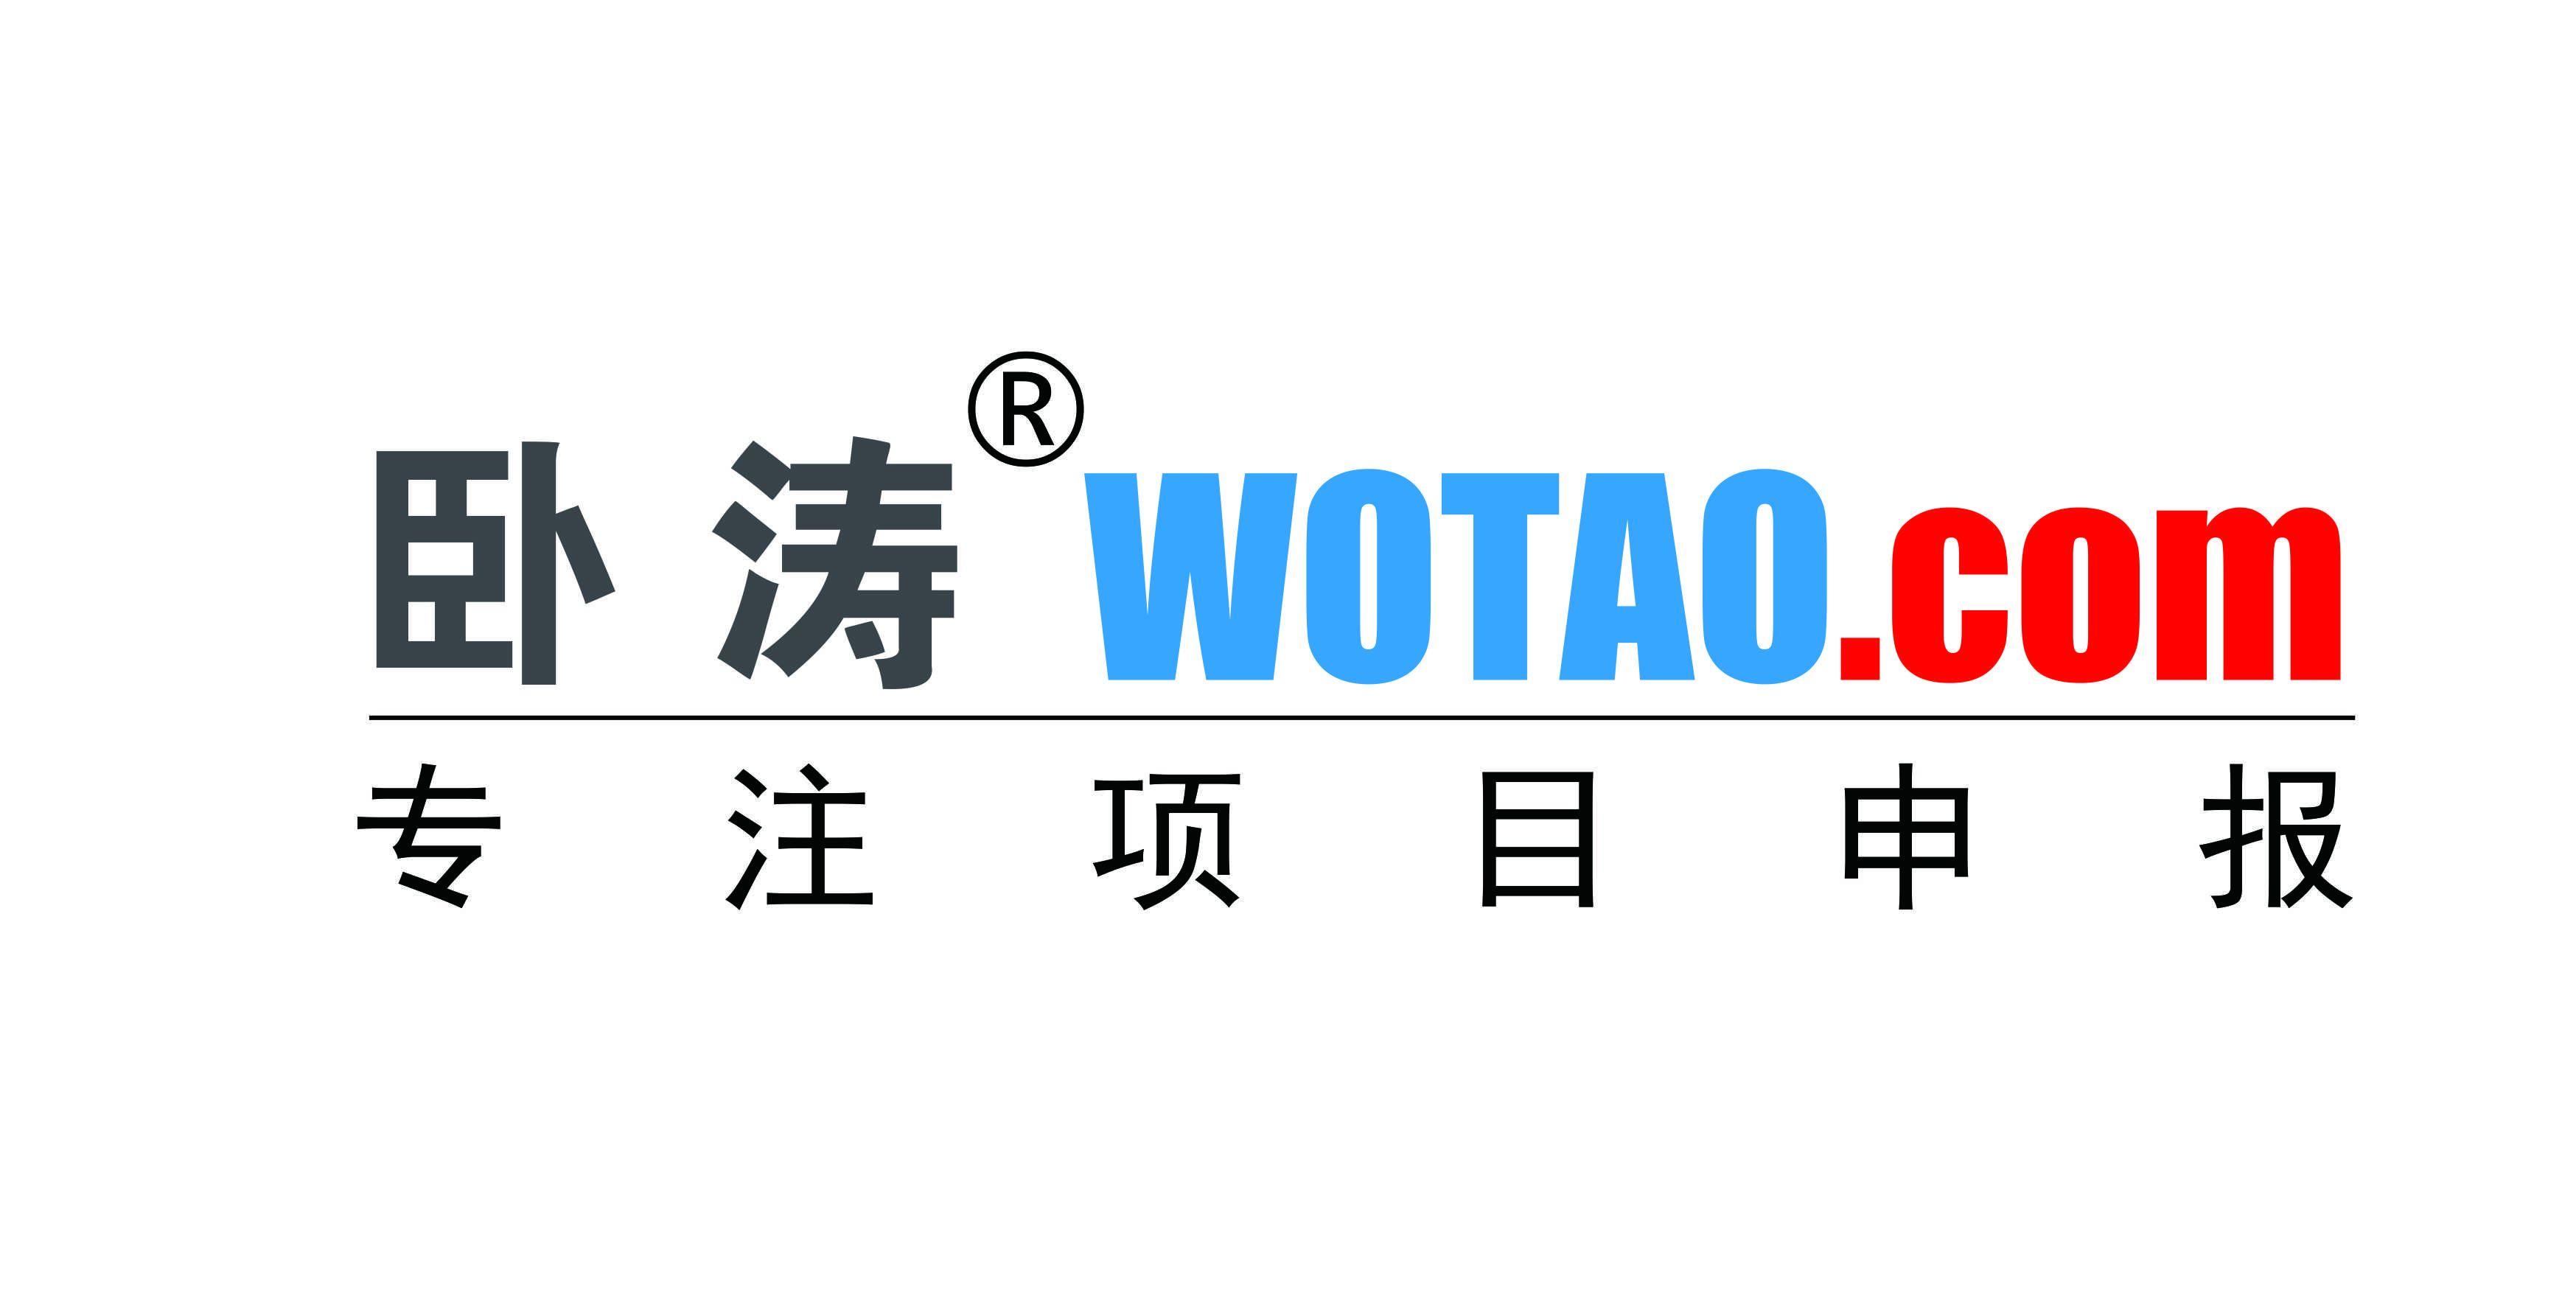 滁州市智能工厂和数字化车间申请条件及时间安排